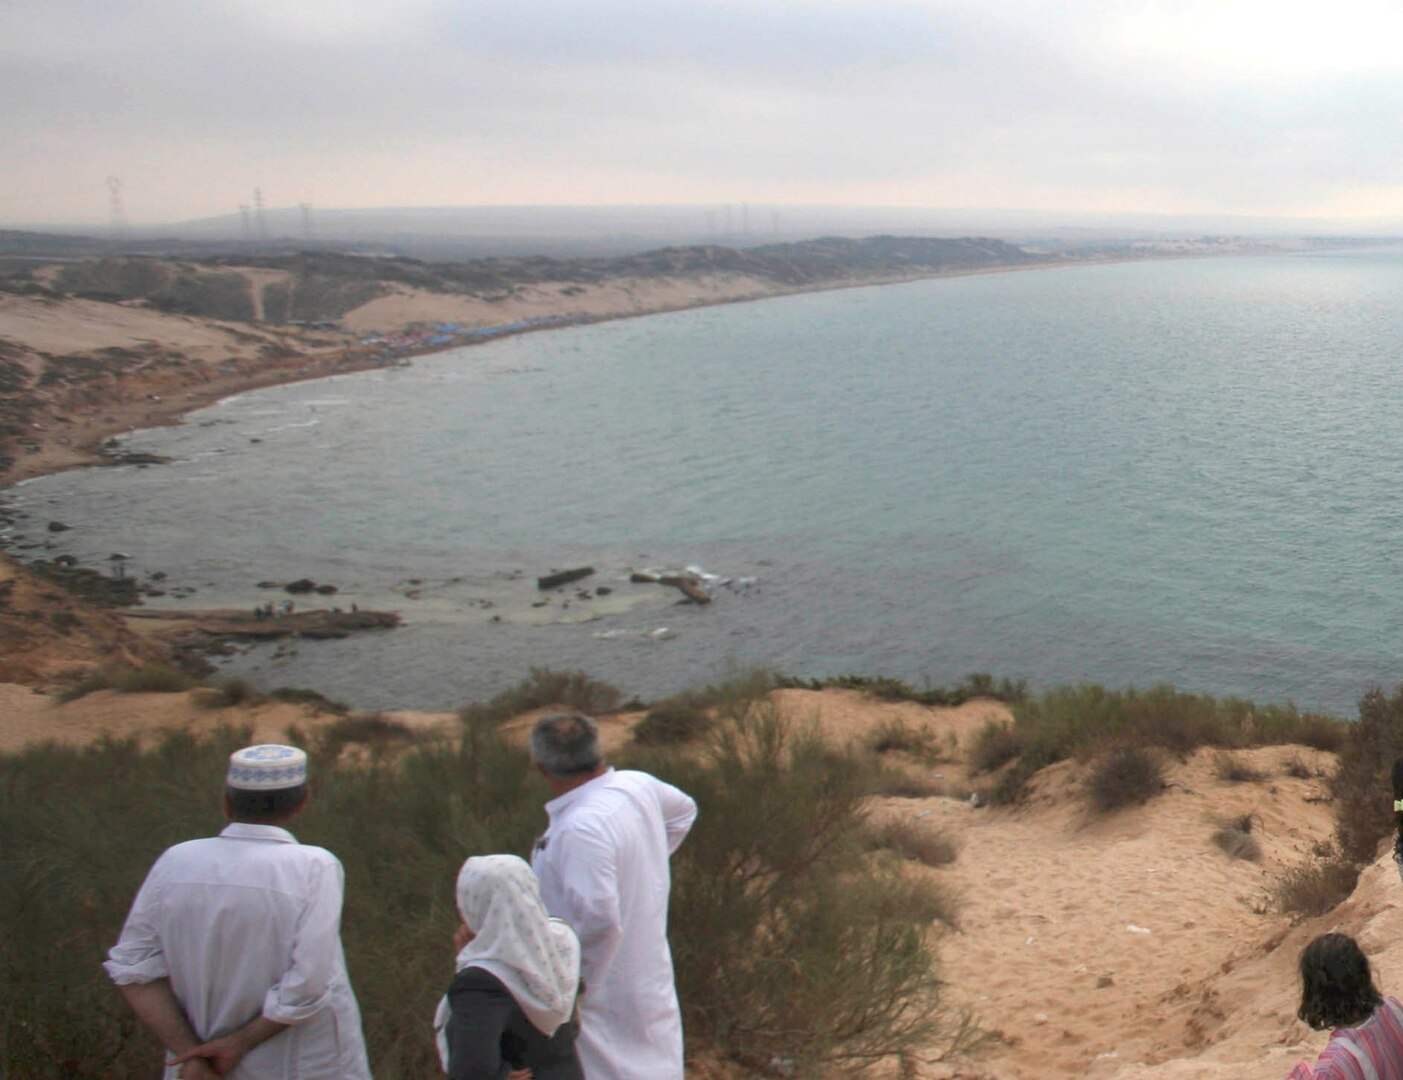 أمواج البحر تلقي7 جثث على شاطئ بمستغانم الجزائرية